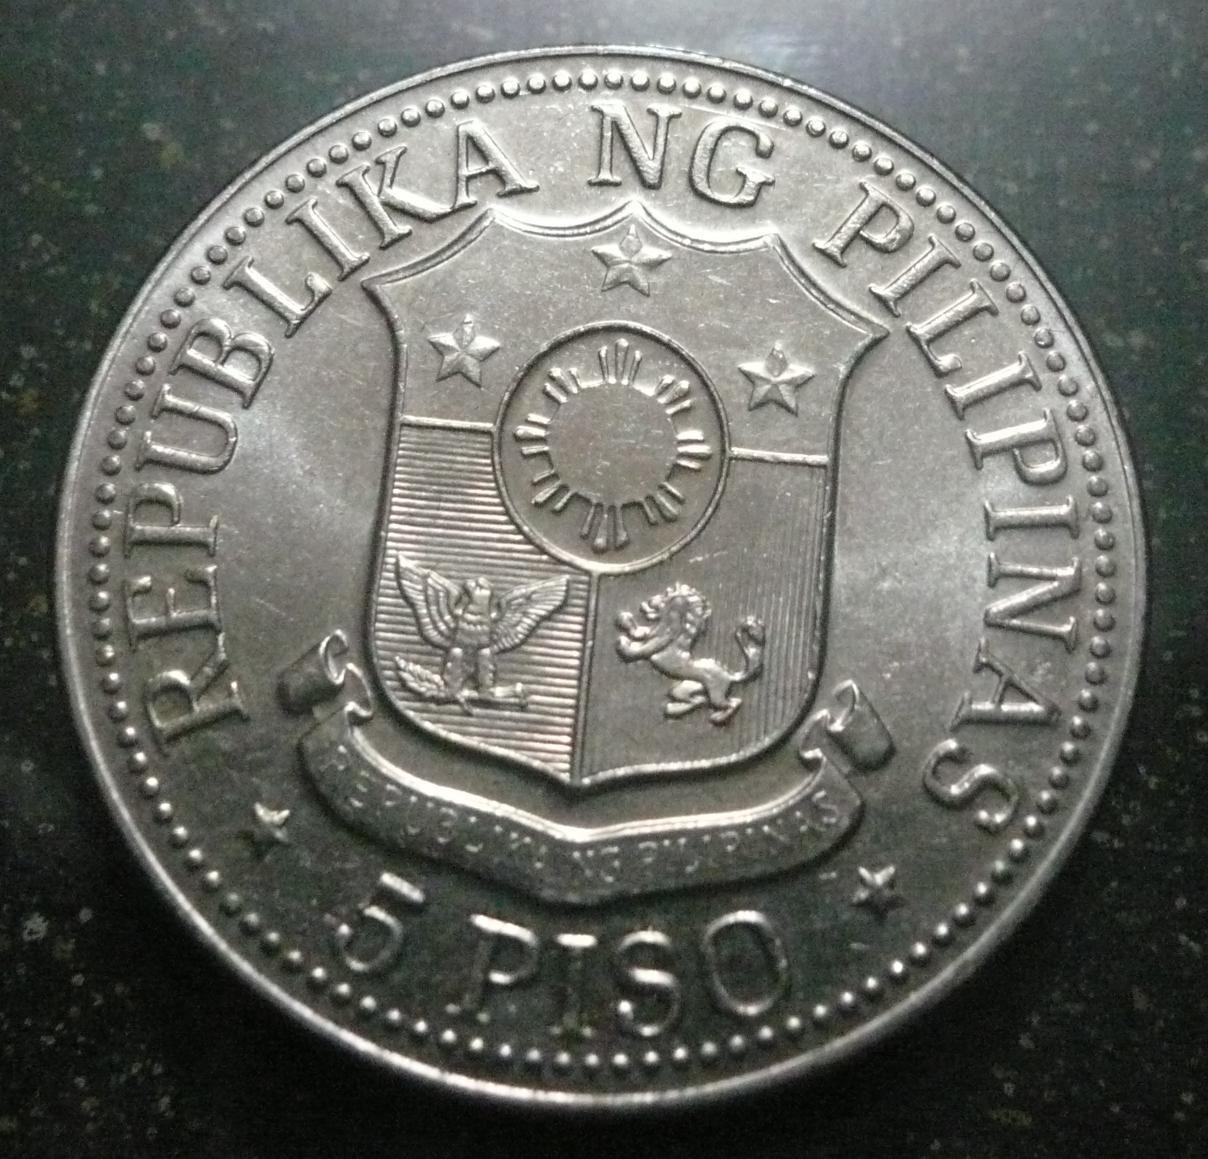 5 peso coin value